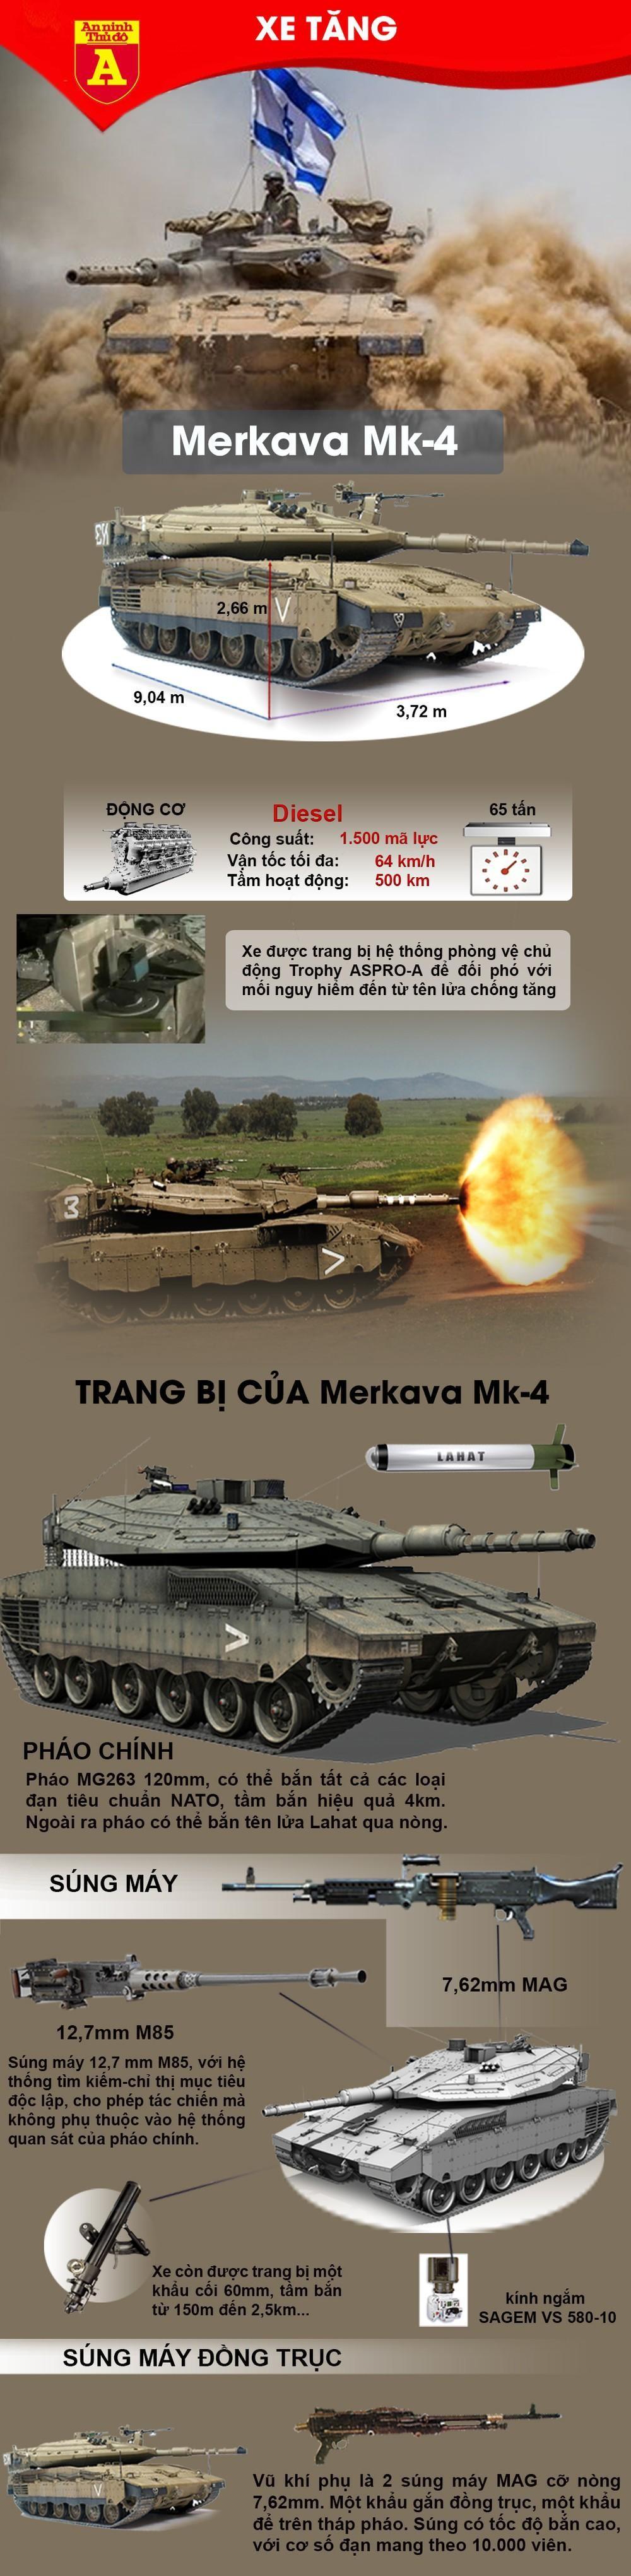 """[Info] """"Lô cốt thép di động"""" Merkava-Mk4 Israel pháo kích dữ dội vào Dải Gaza ảnh 2"""